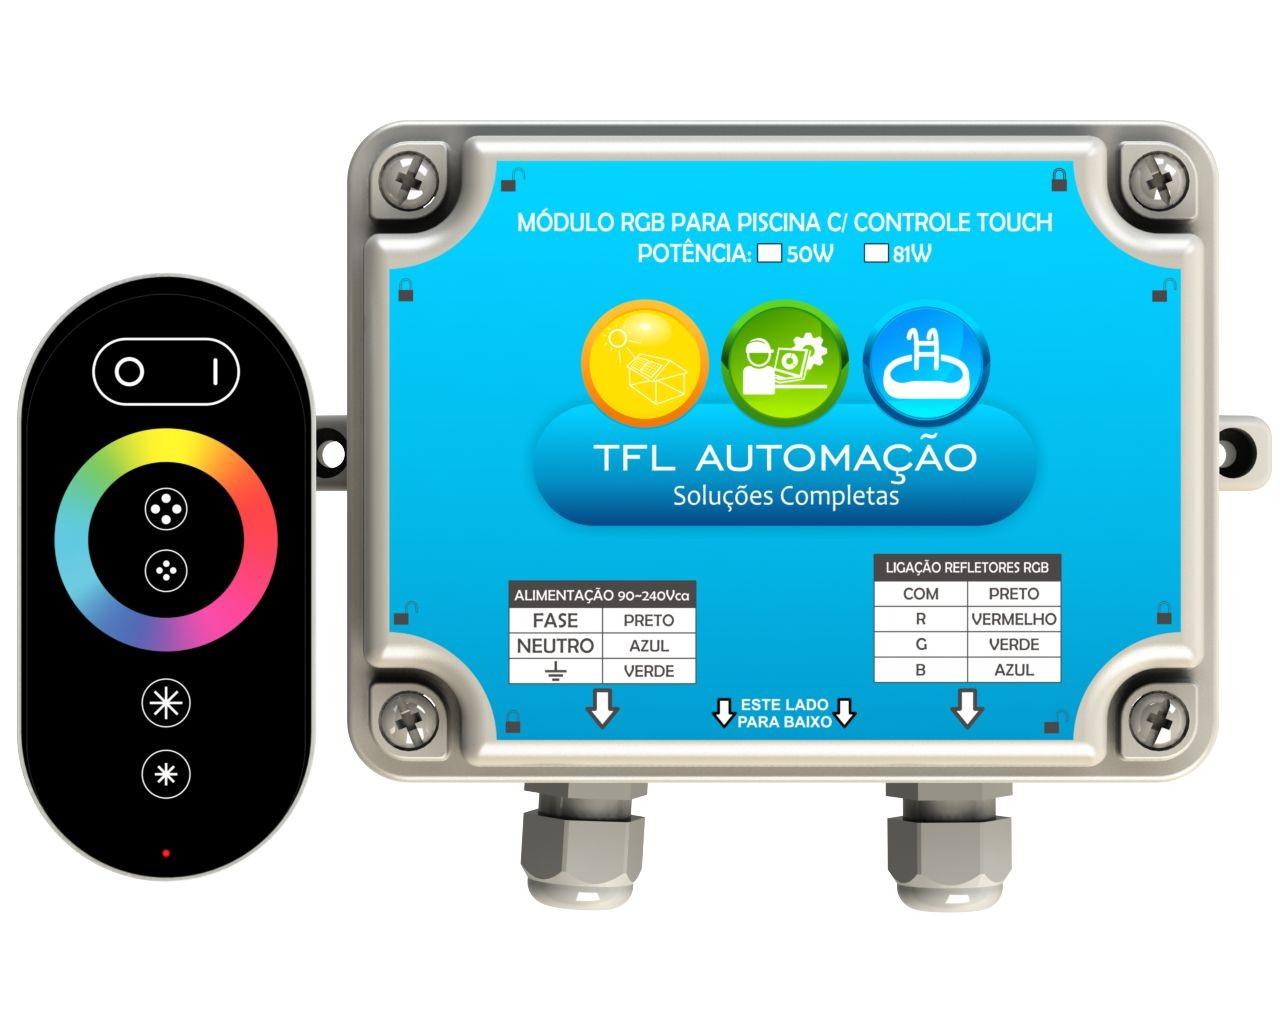 Módulo RGB c/ Controle Touch - 81W